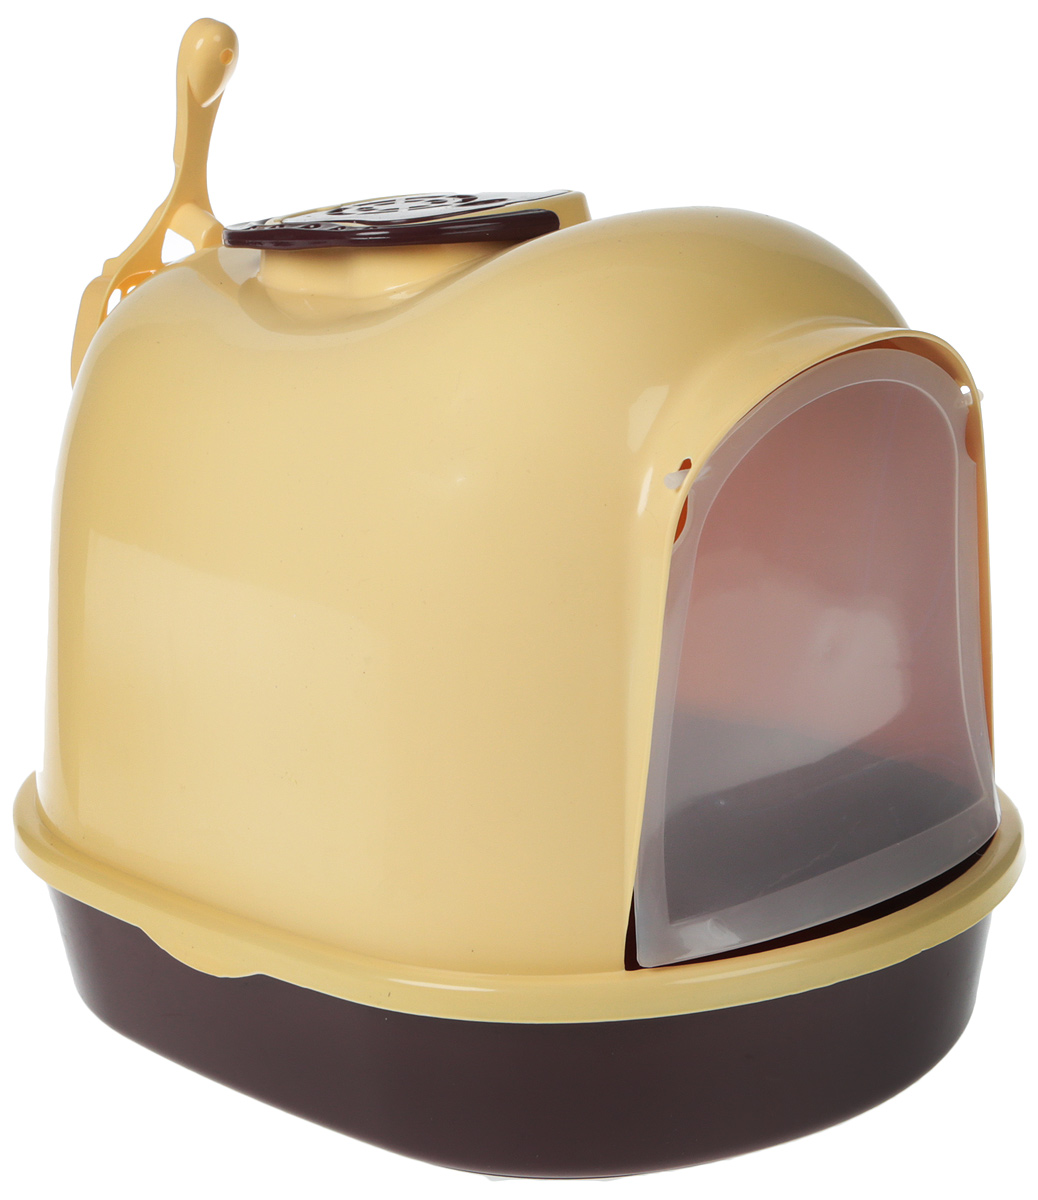 Туалет-бокс для кошек  №1 , цвет: желтый, коричневый, 49 х 37,5 х 39 см - Наполнители и туалетные принадлежности